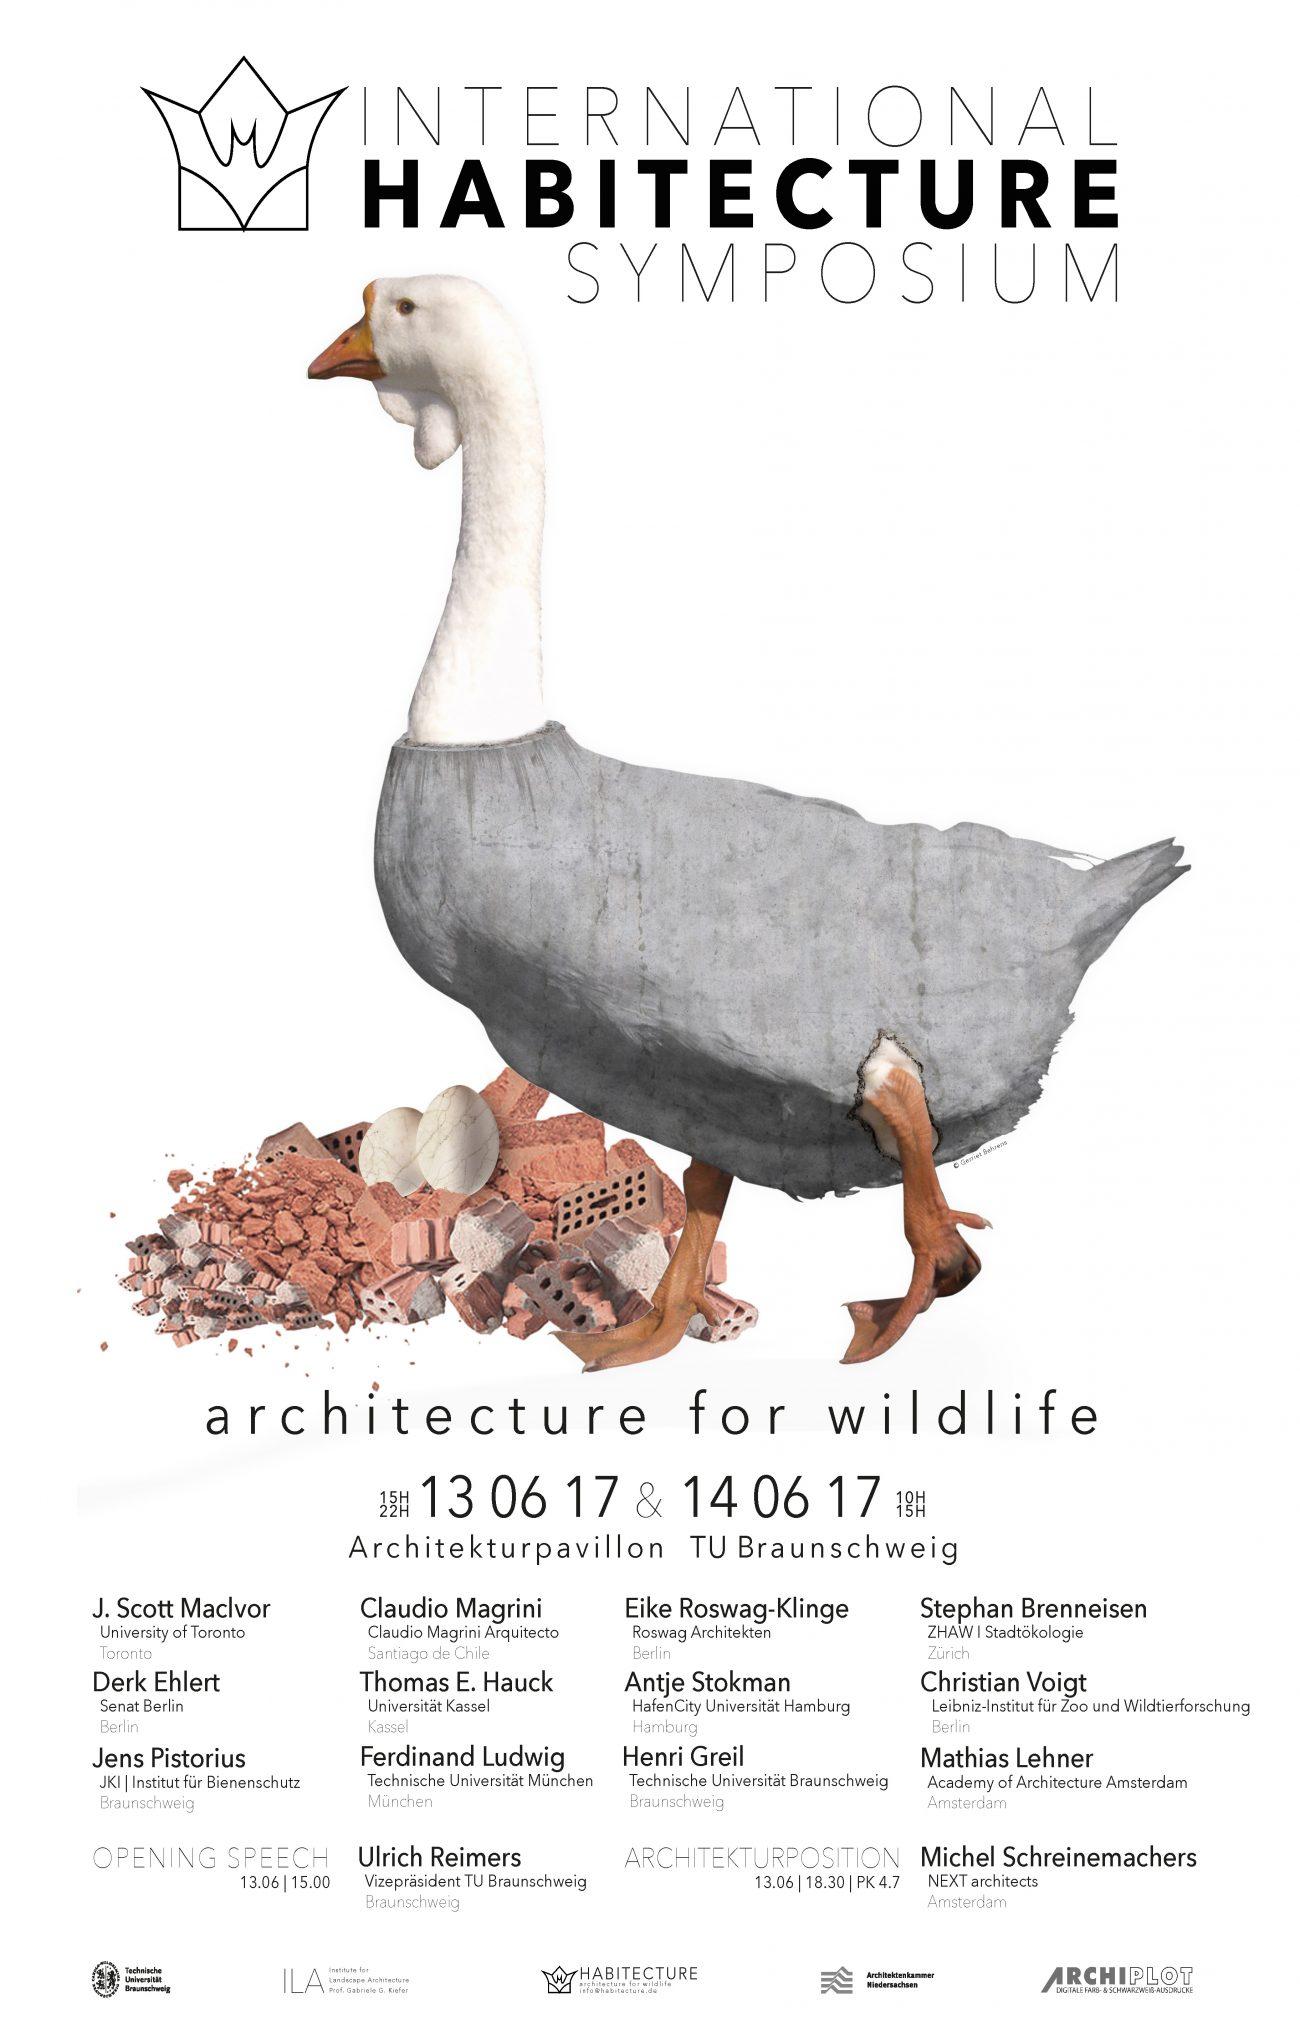 Bildnachweis: Institut für Landschaftsarchitektur